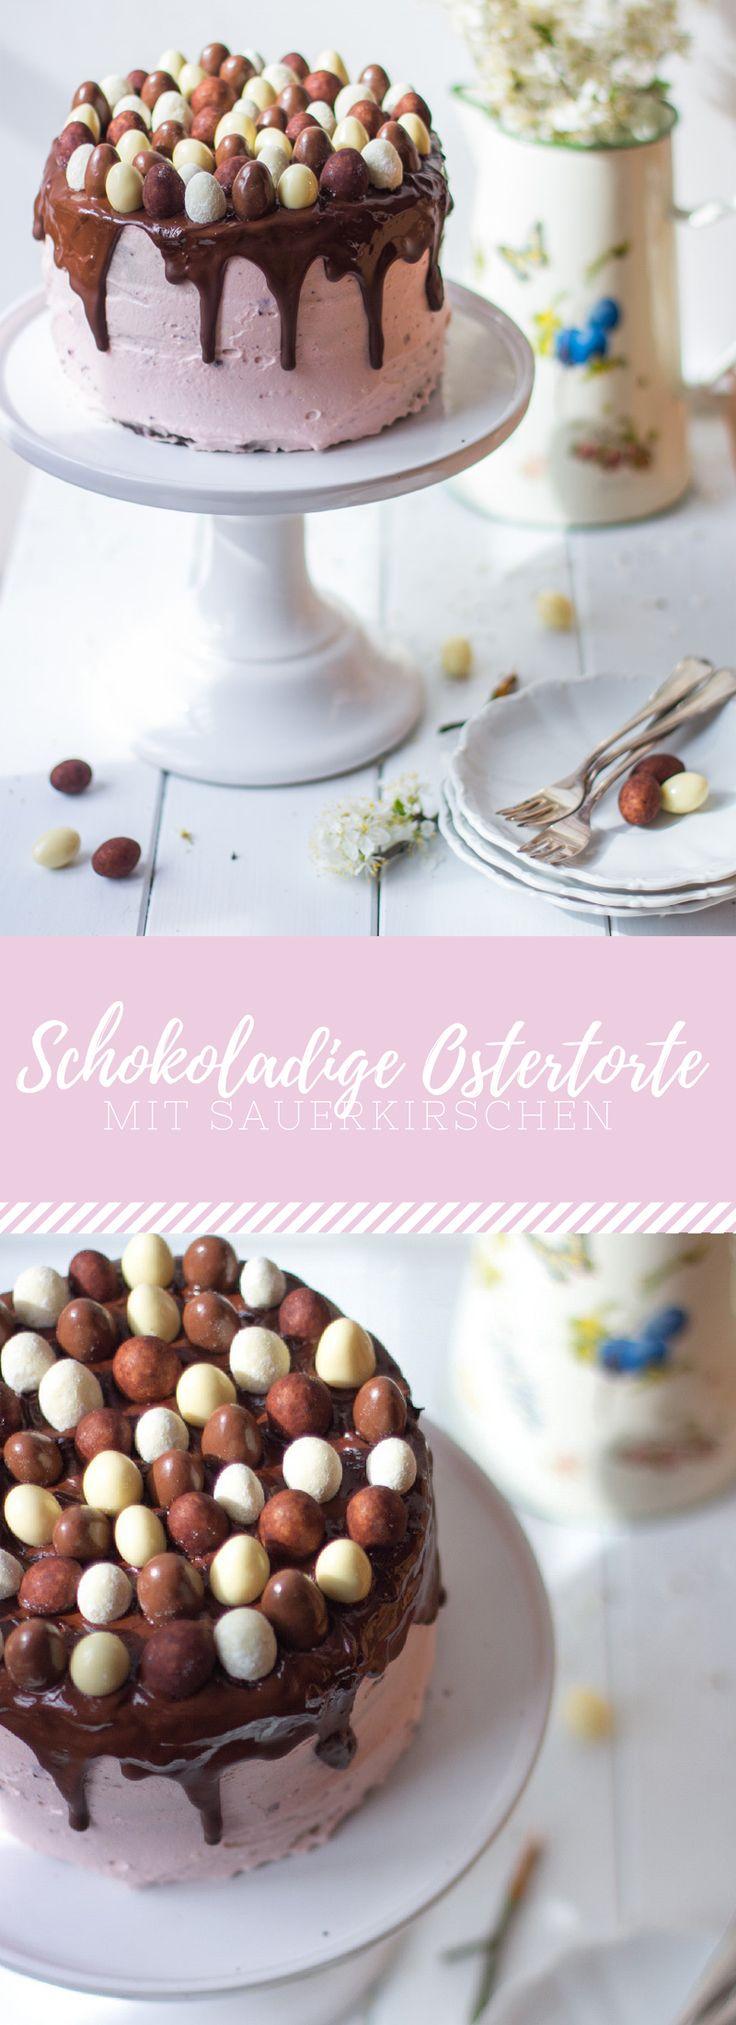 Schokoladige Ostertorte mit Sauerkirschen. Die perfekte Torte für Ostern mit Ostereiern. Kreativ und einfach nachzumachen!